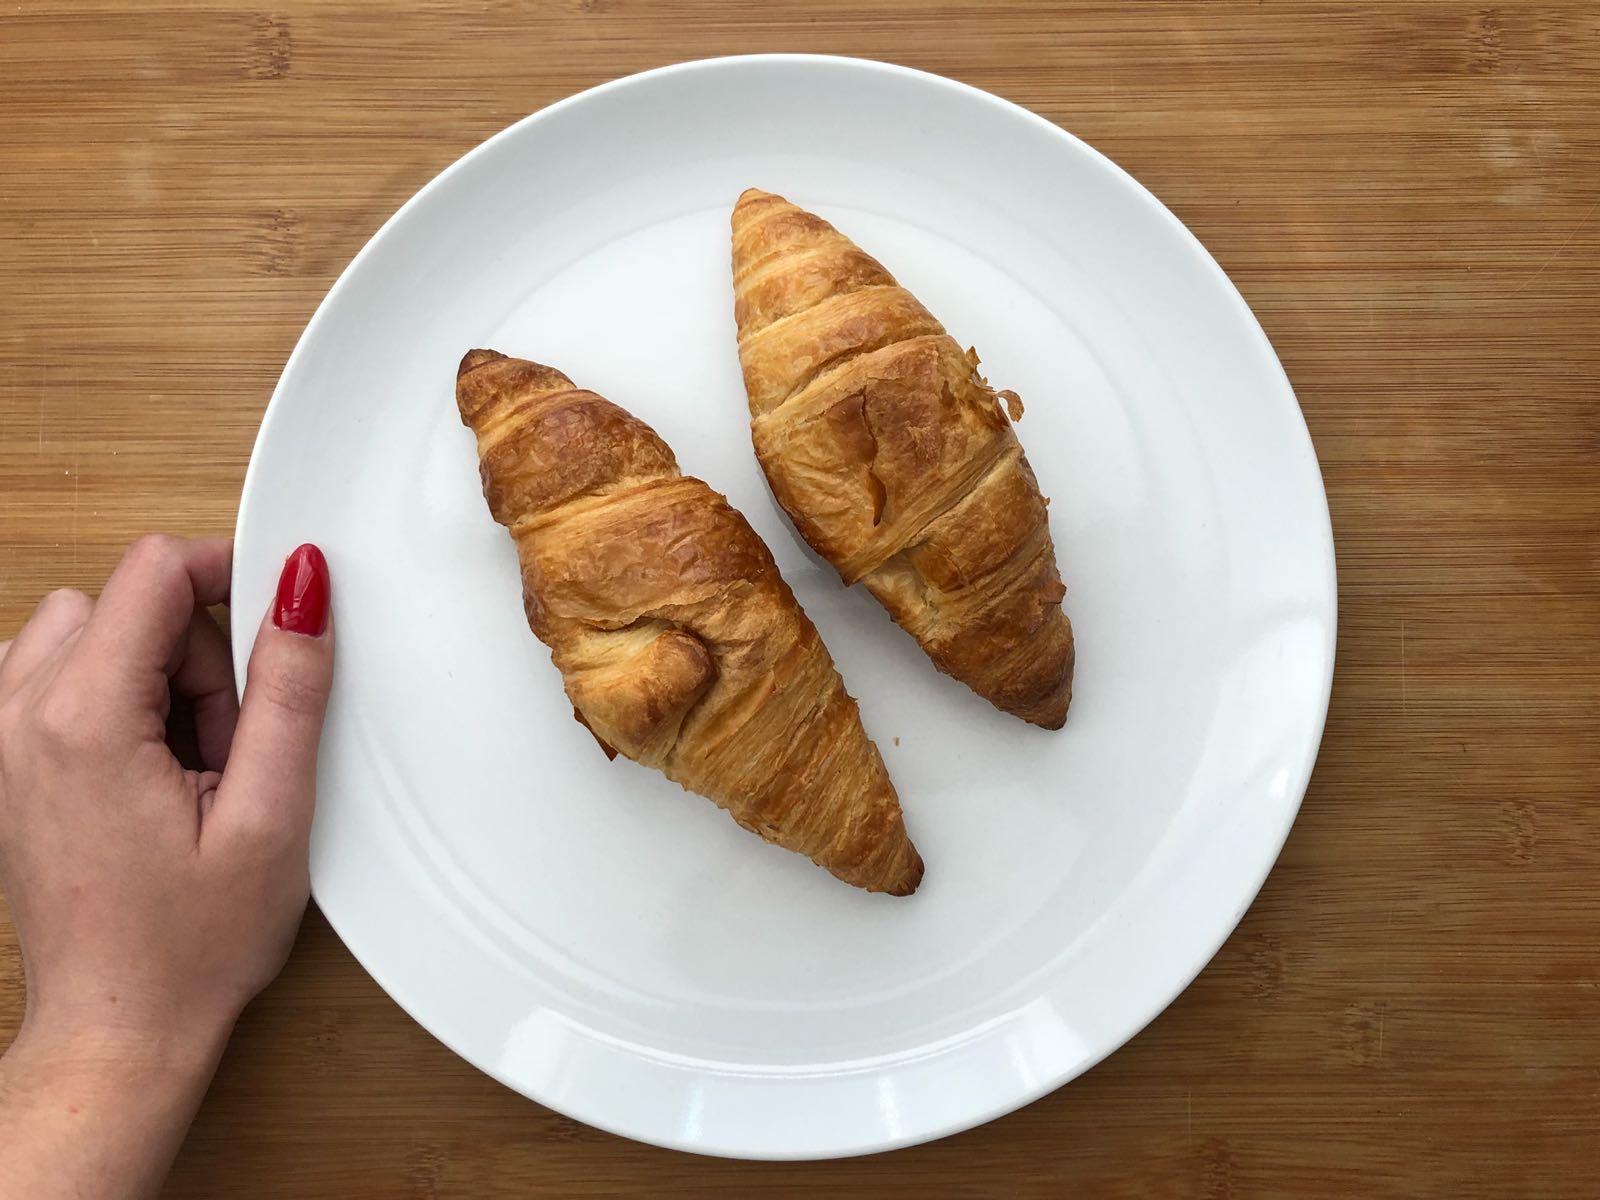 Ontbijten met croissants